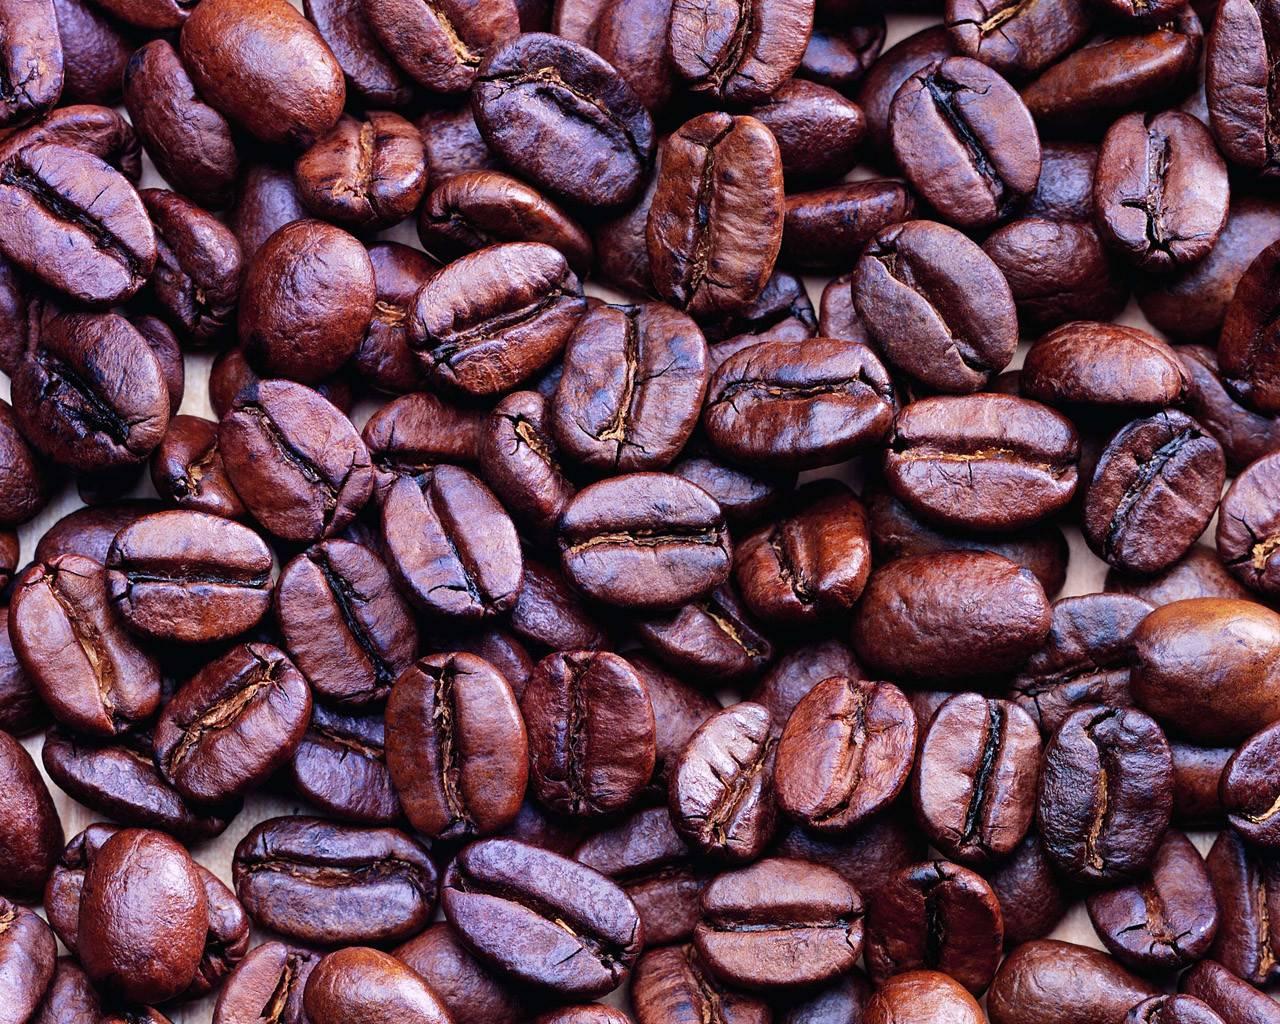 Кофе пиберри: понятие, особенности вкуса, приготовление